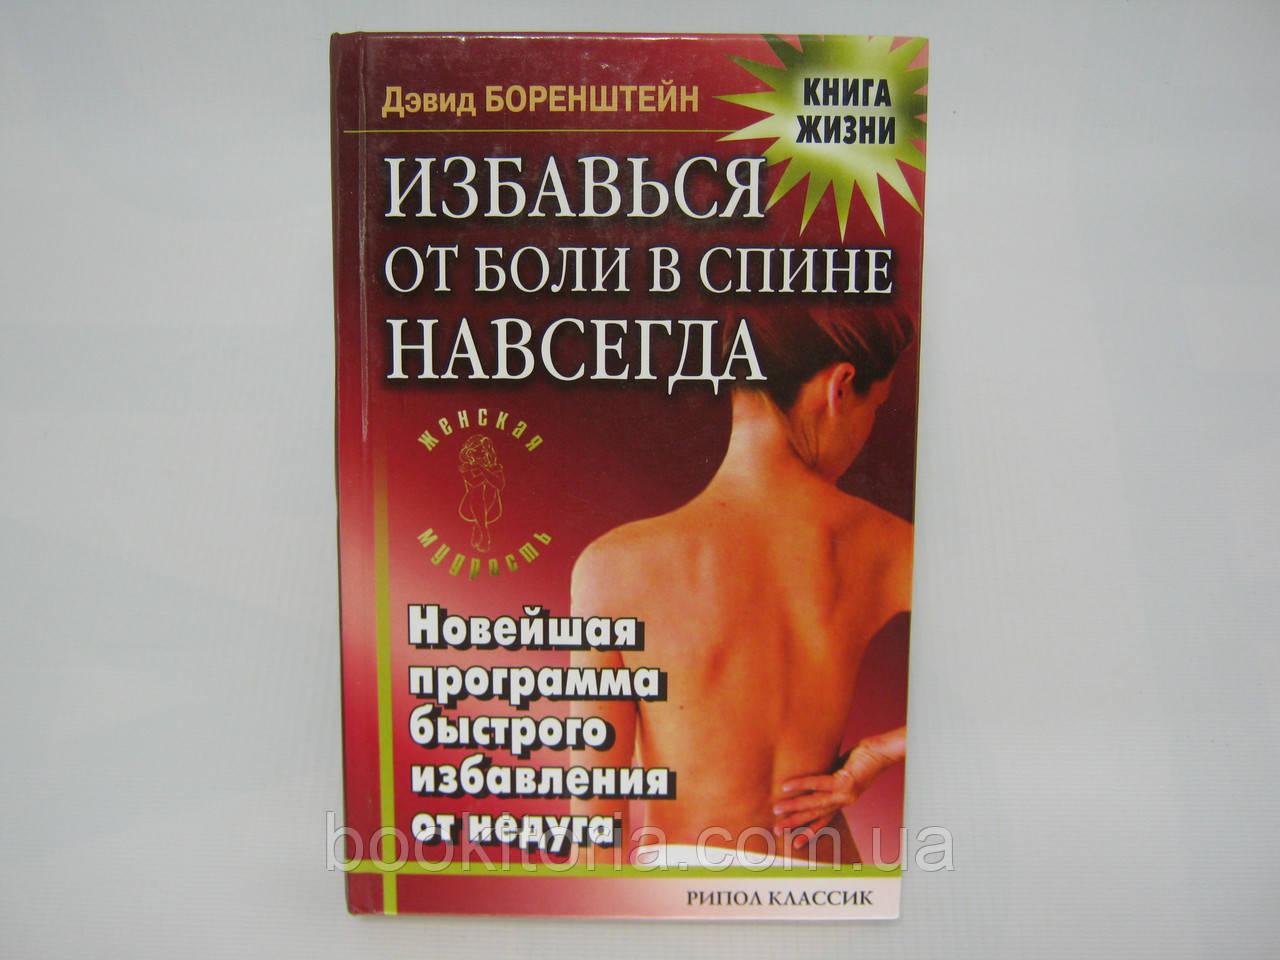 Боренштейн Д. Избавься от боли в спине навсегда. Новейшая программа быстрого избавления (б/у).